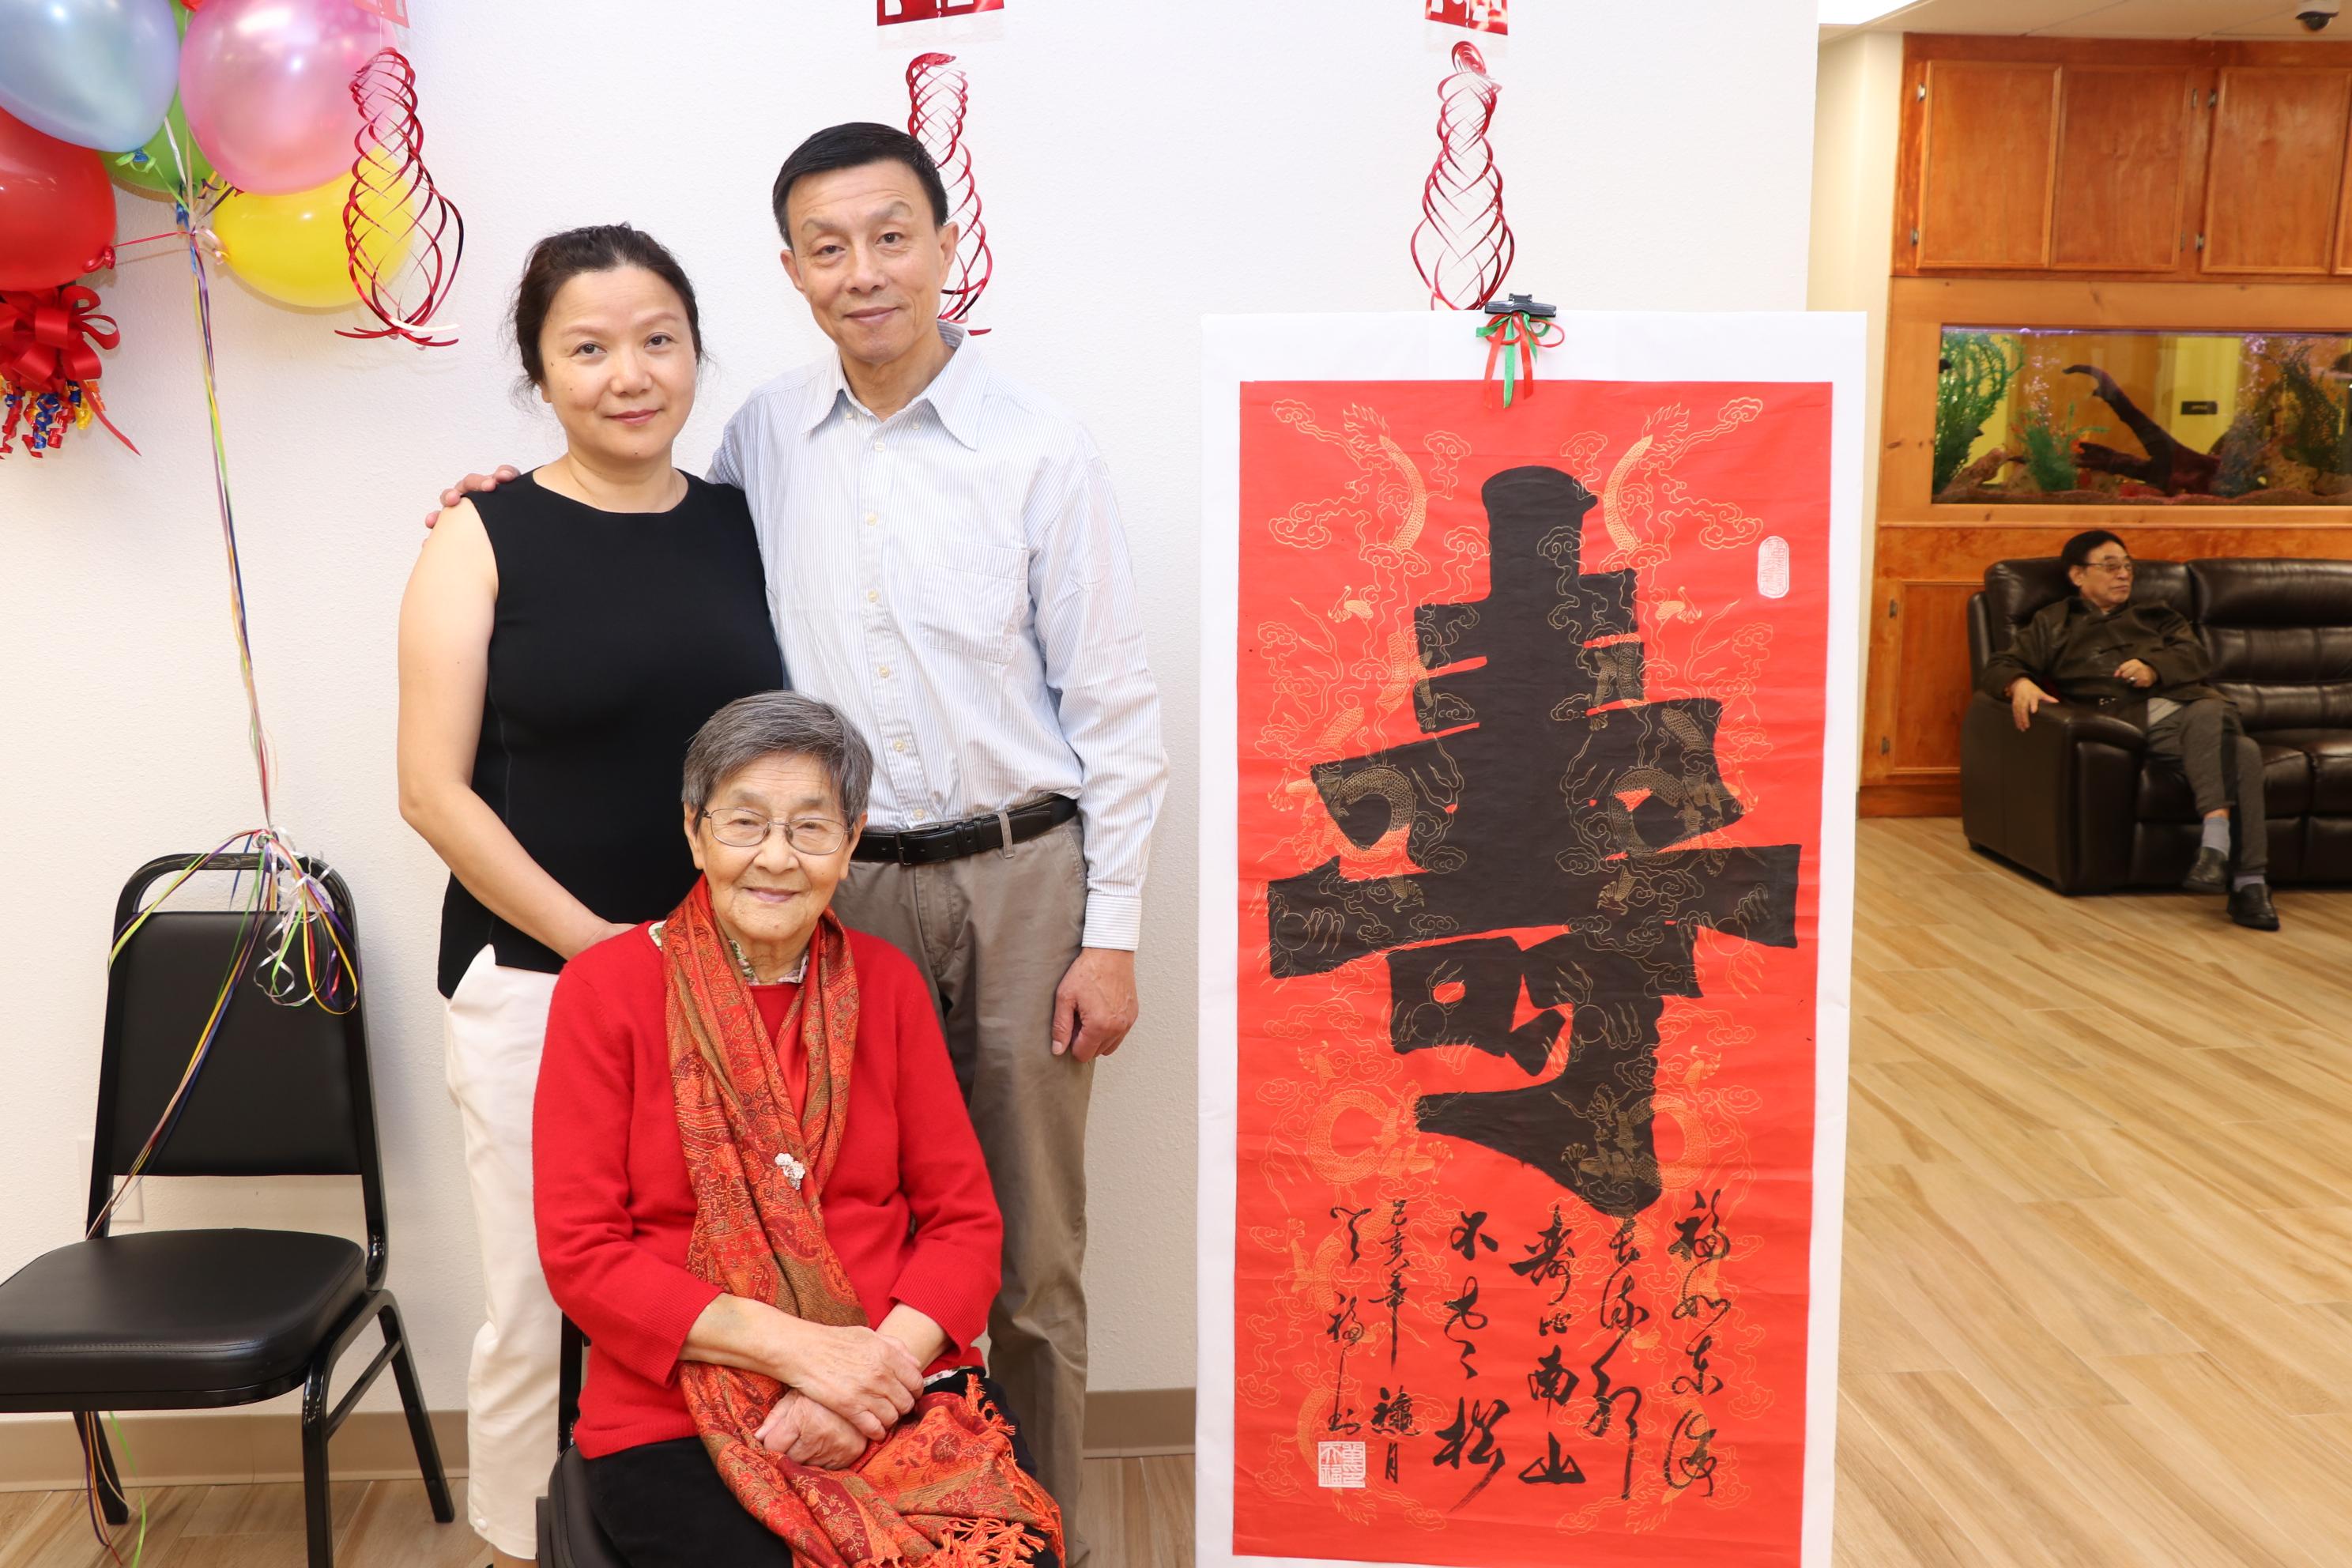 周濟南(右一)夫婦陪同母親出席百歲生日壽宴。